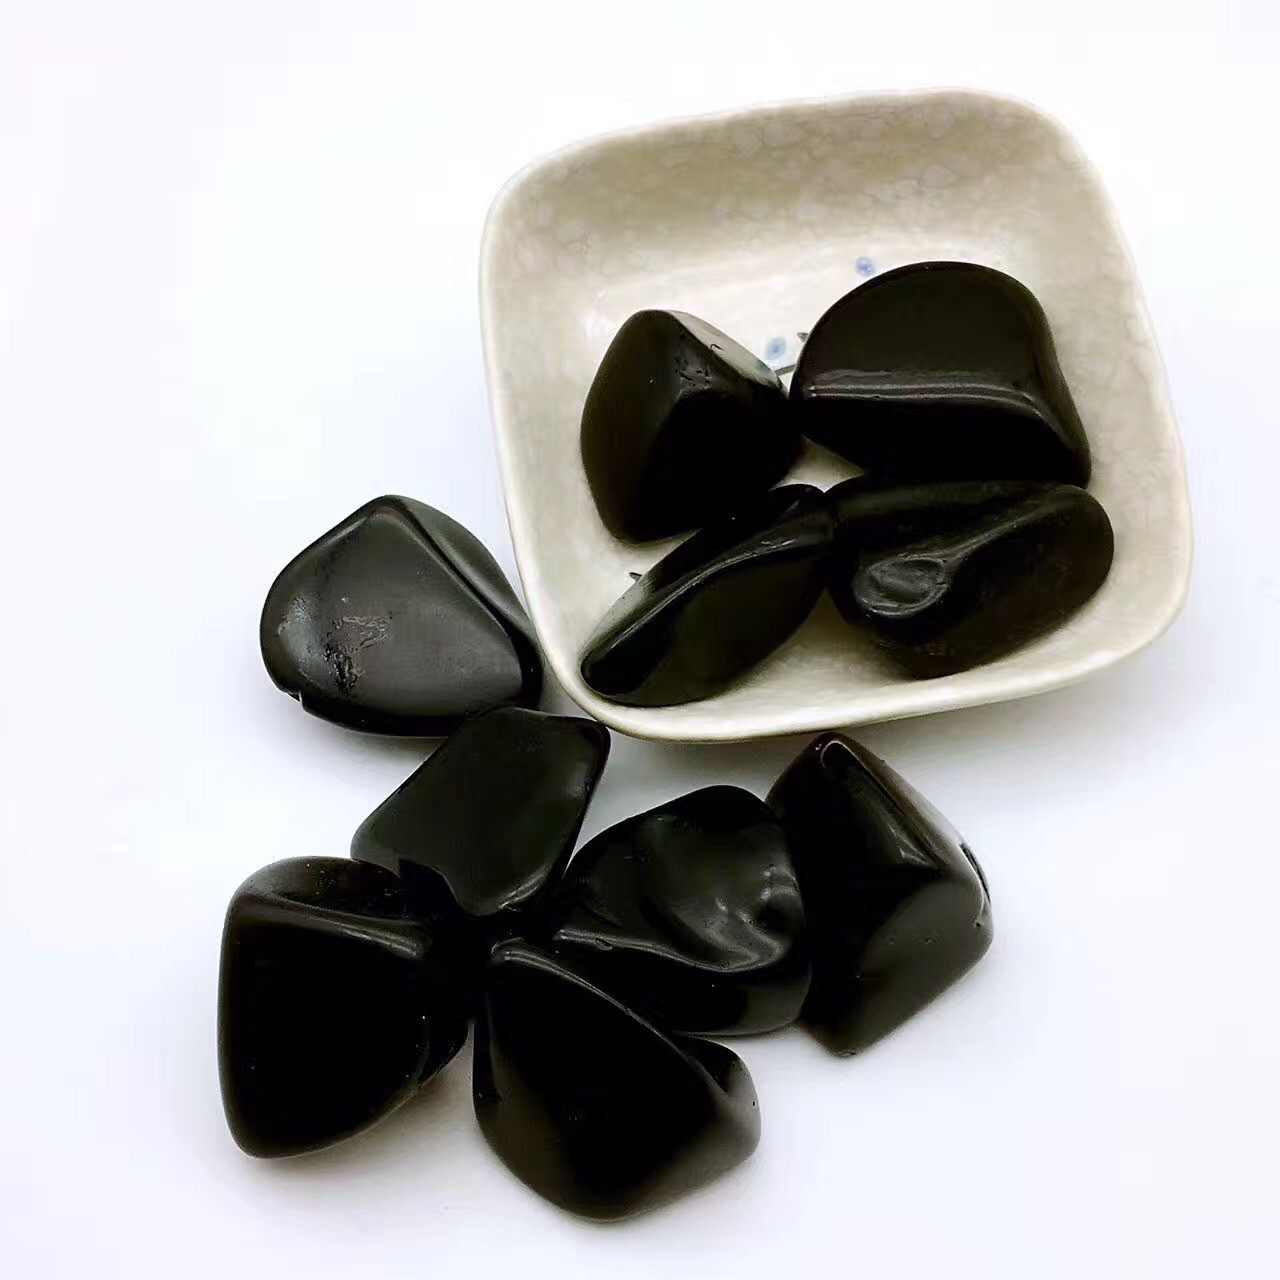 1PCS Collectibles Natural Preto Obsidian Pedra Preciosa de Cristal Áspera Rocha Mineral Specimen Cura Pedra Decoração para Fish tank DX